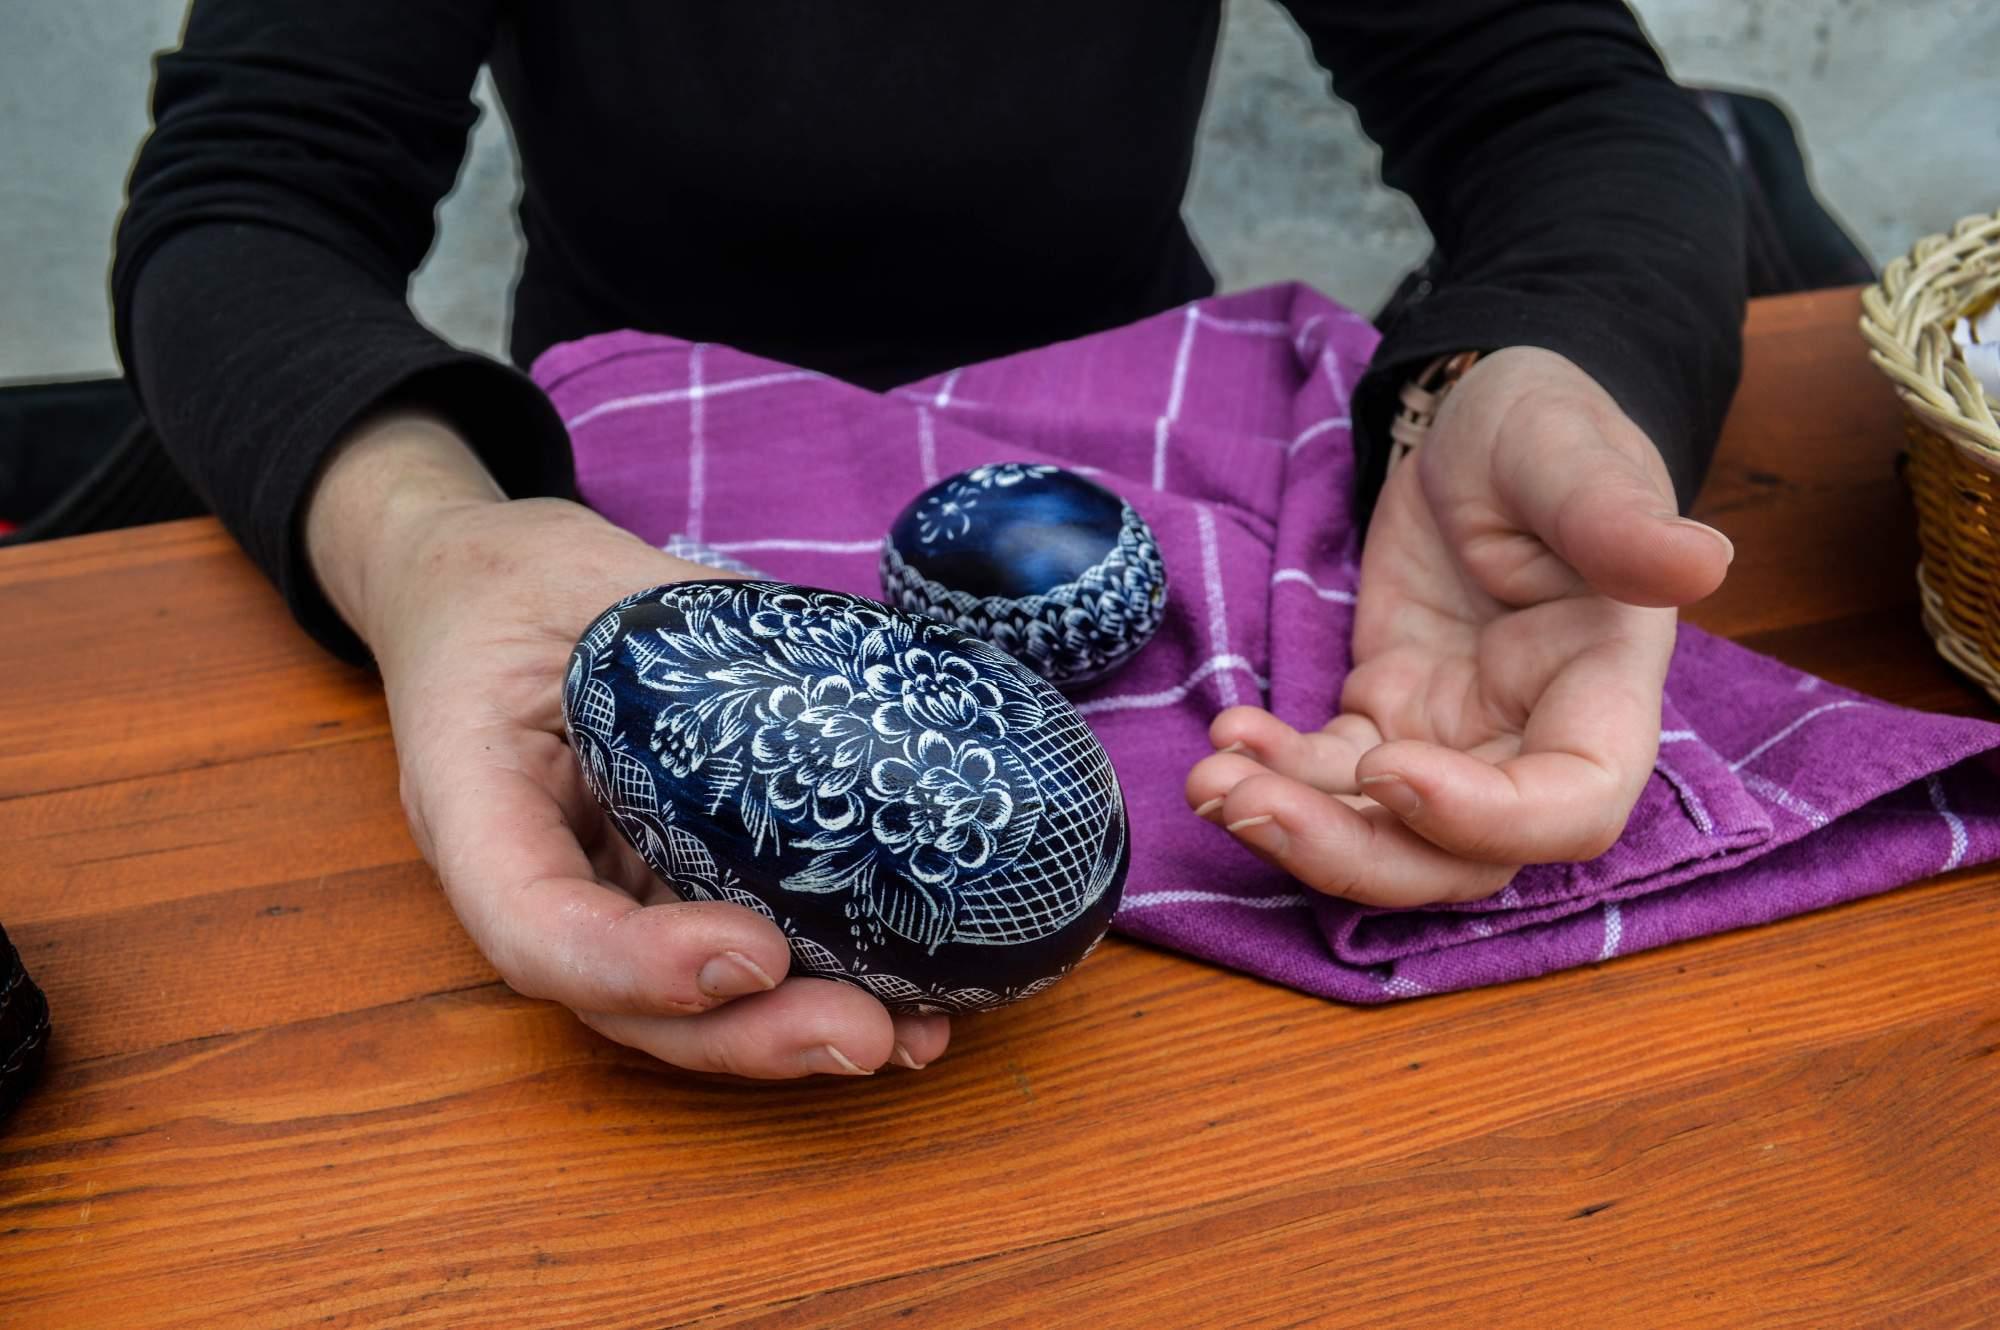 I husí vejce se dá použít jako kraslice. Foto: Eva Bartáková